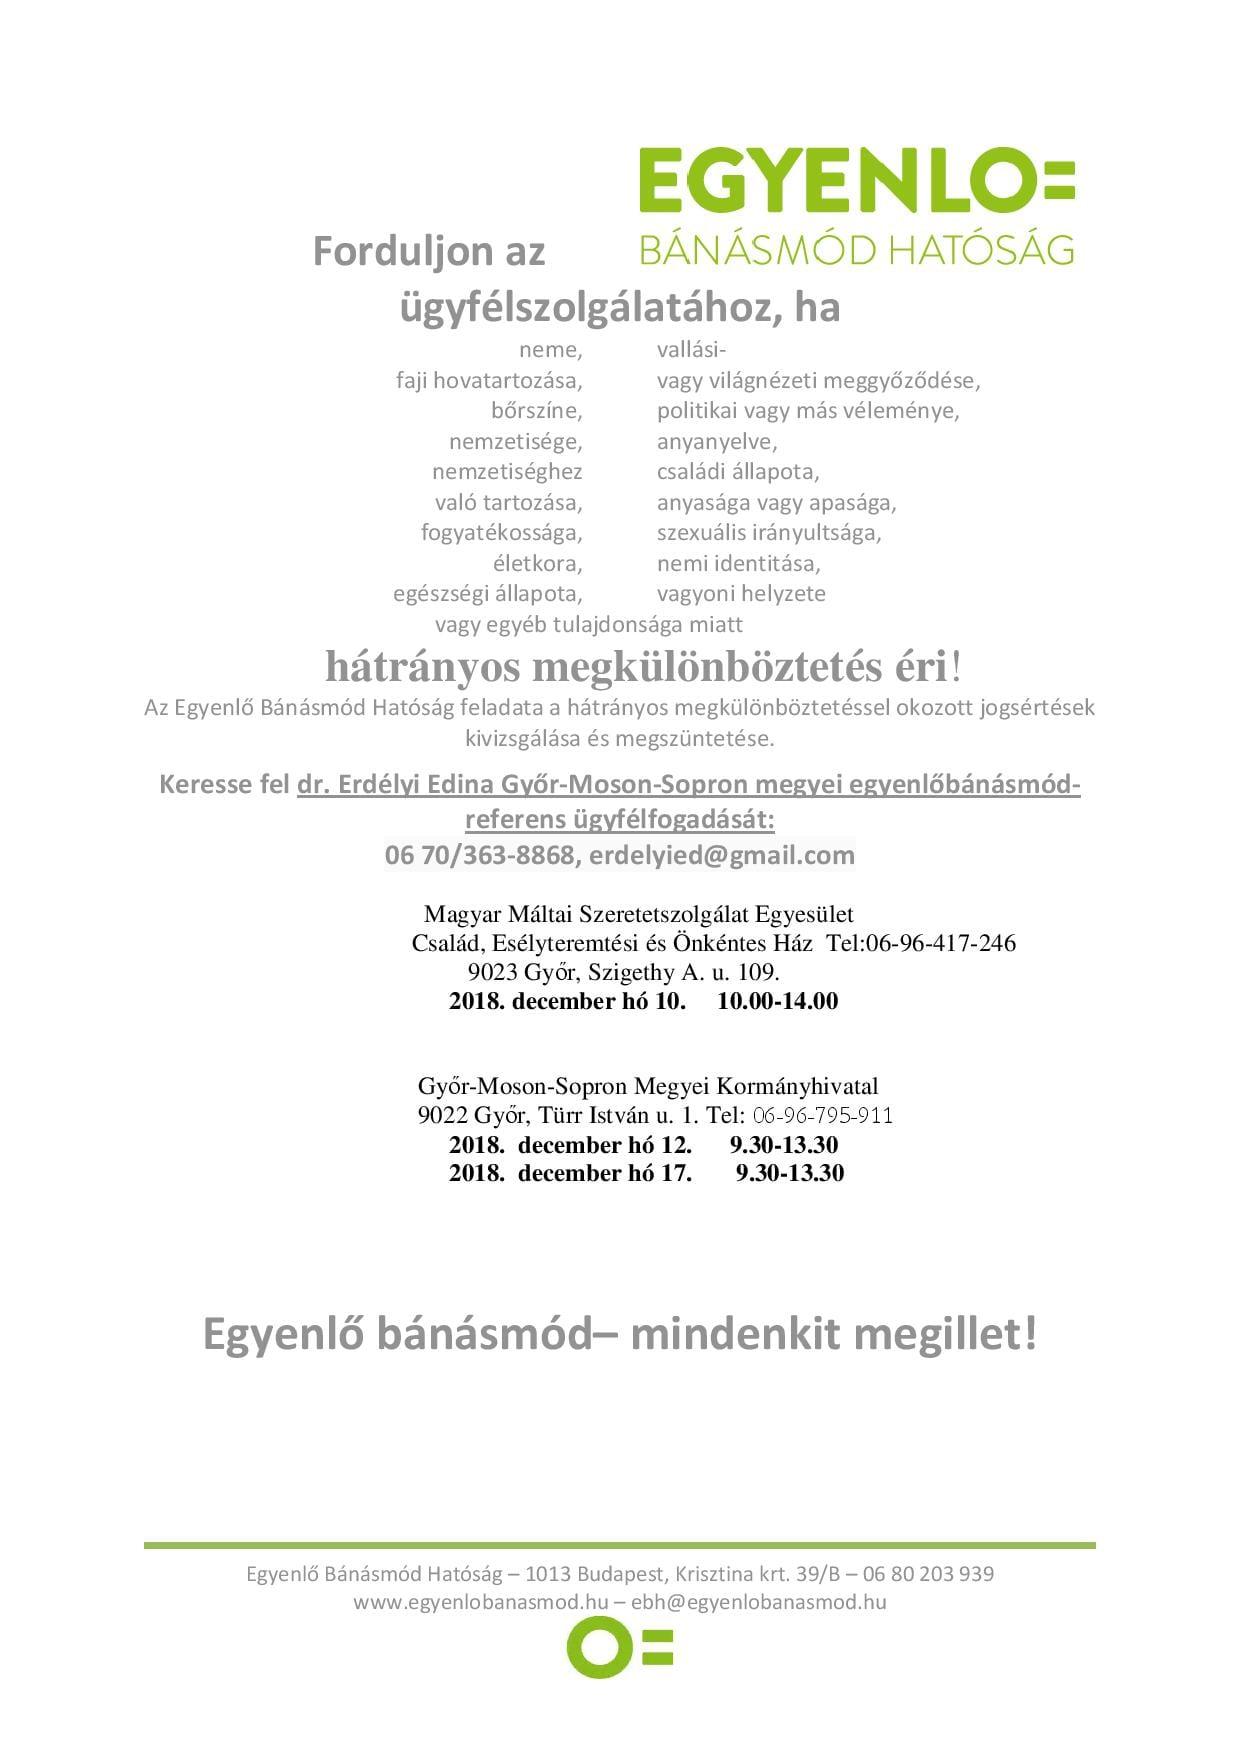 ügyfélfogadási plakát_2018december-page-001